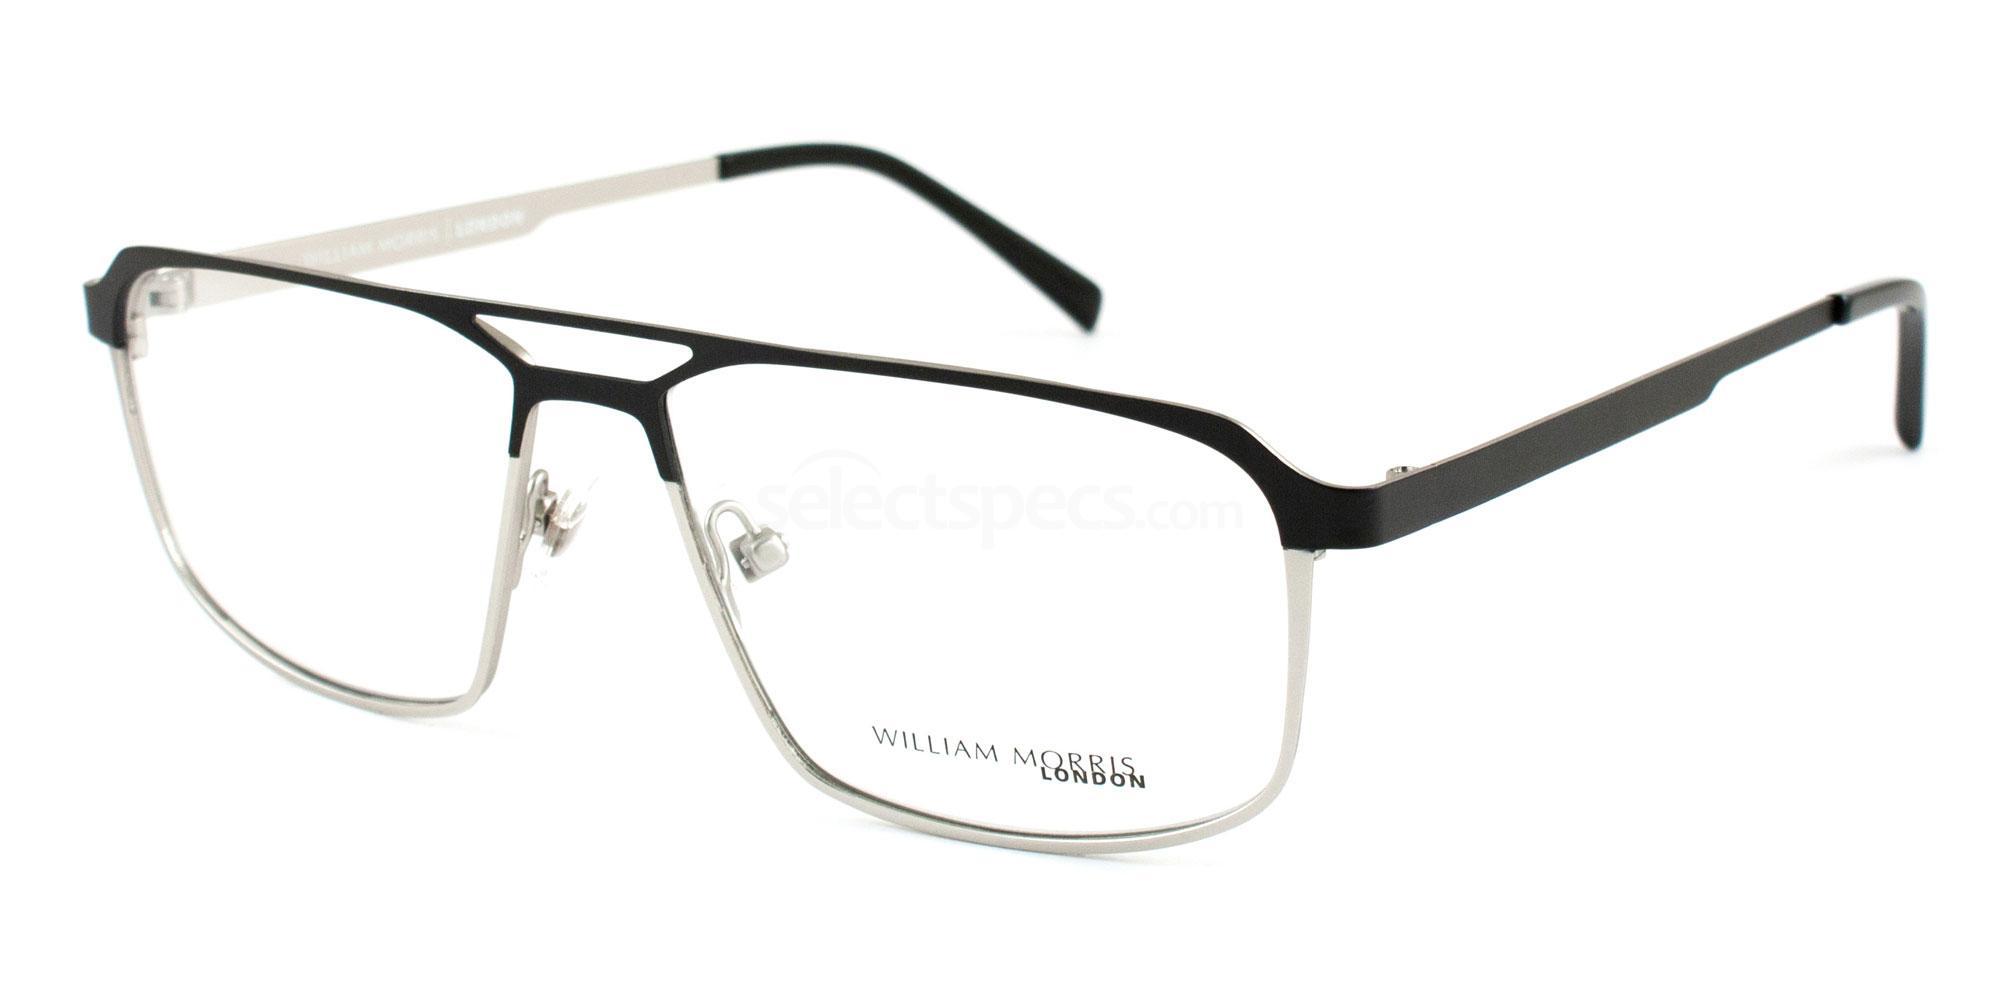 C1 WL6996 Glasses, William Morris London